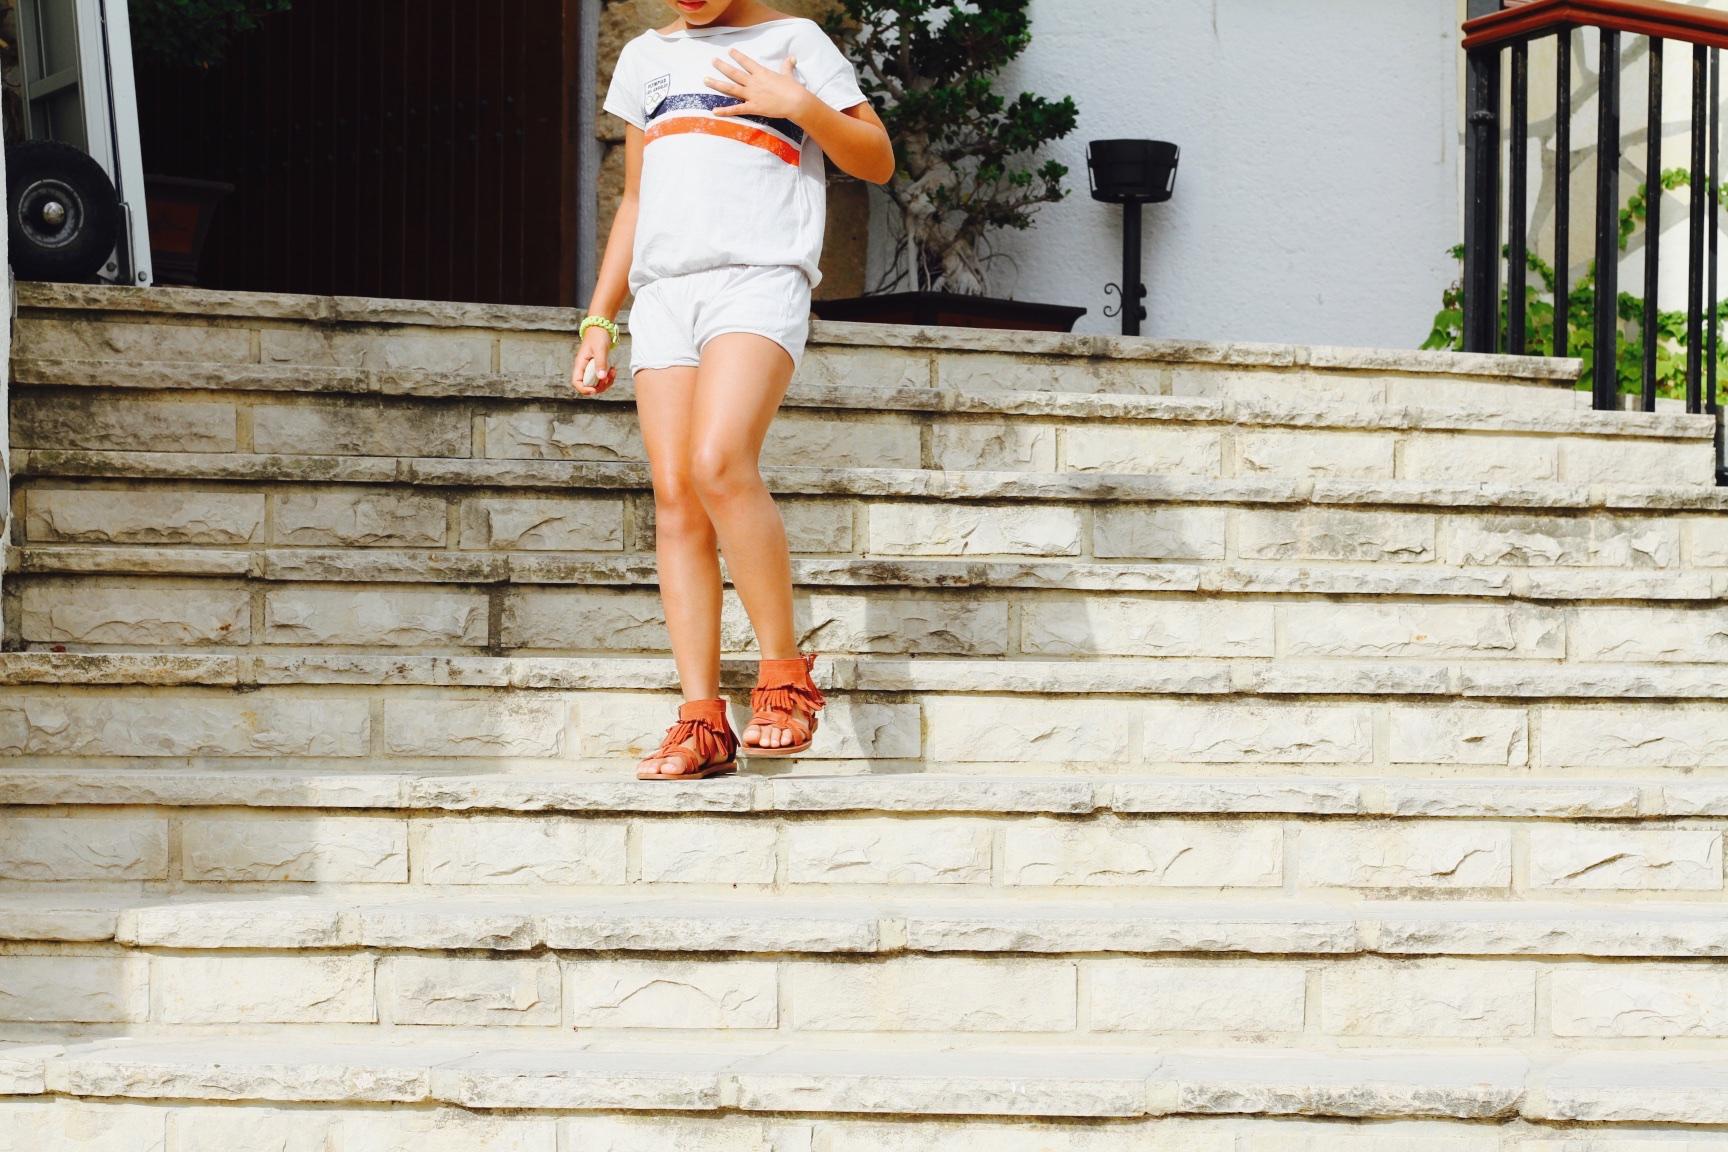 style-miniblogger-descalzaporelparque-summer